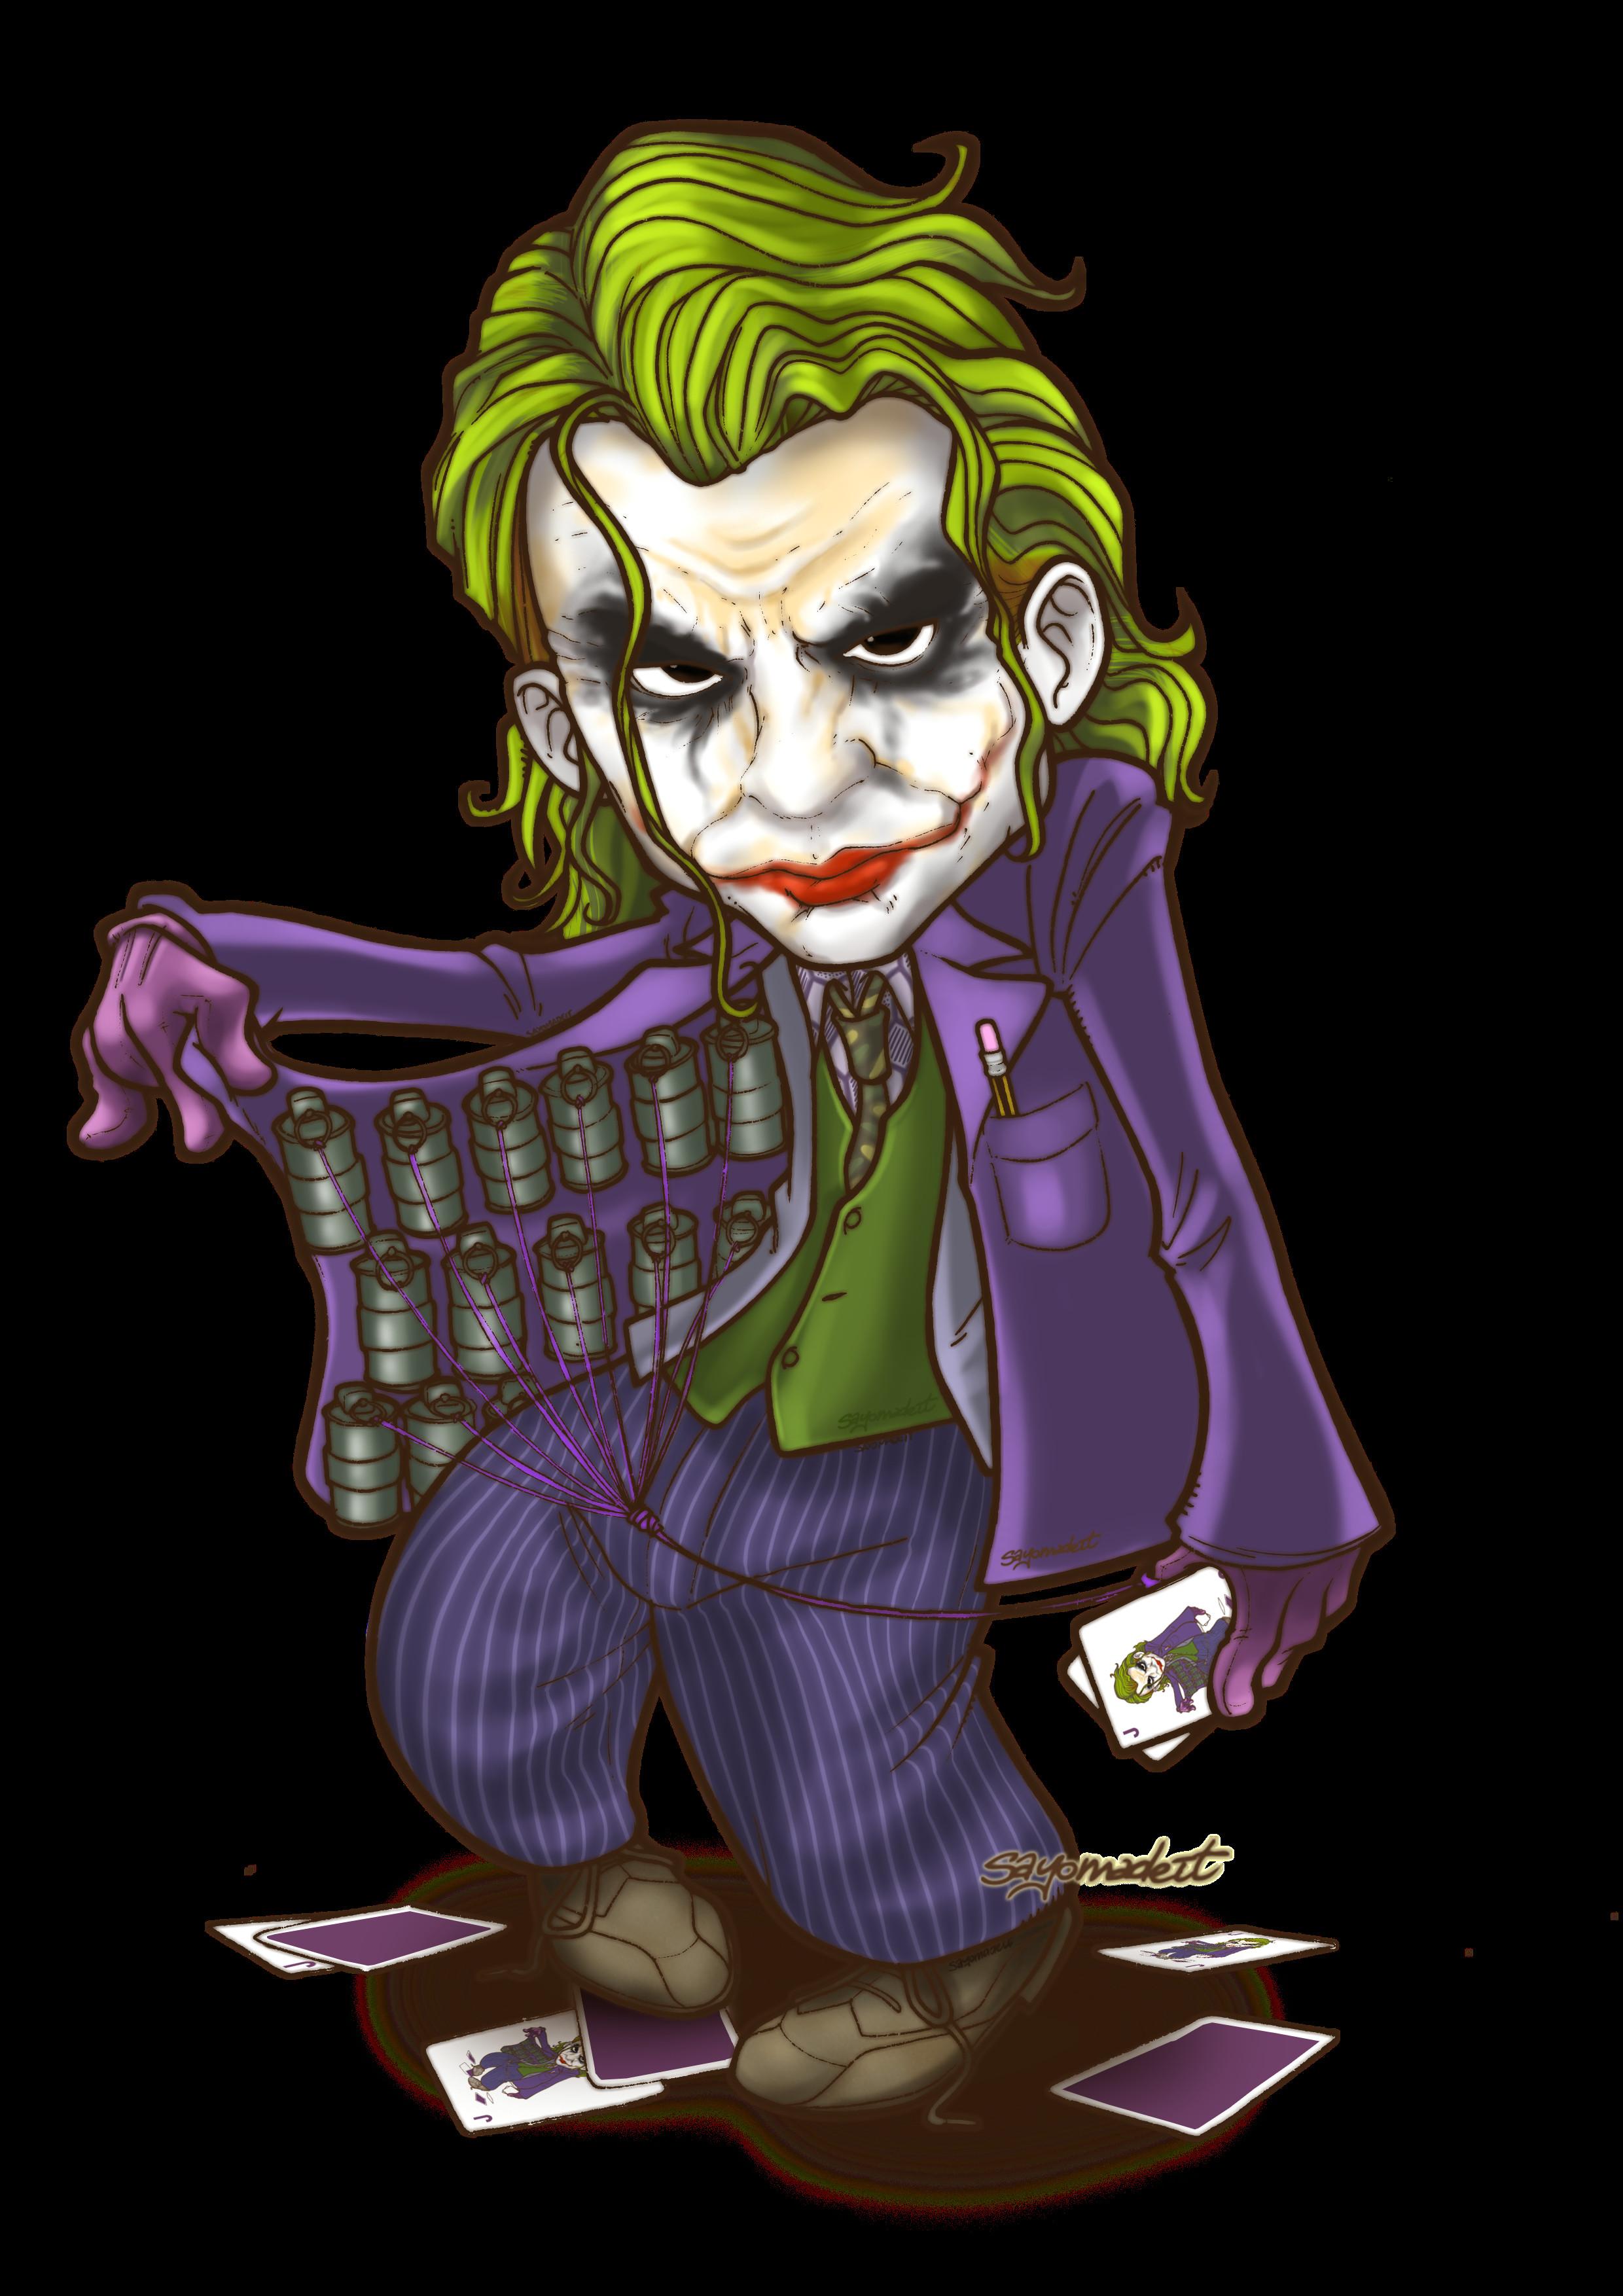 batman comic art batman comics dc comics heath ledger superhero villains